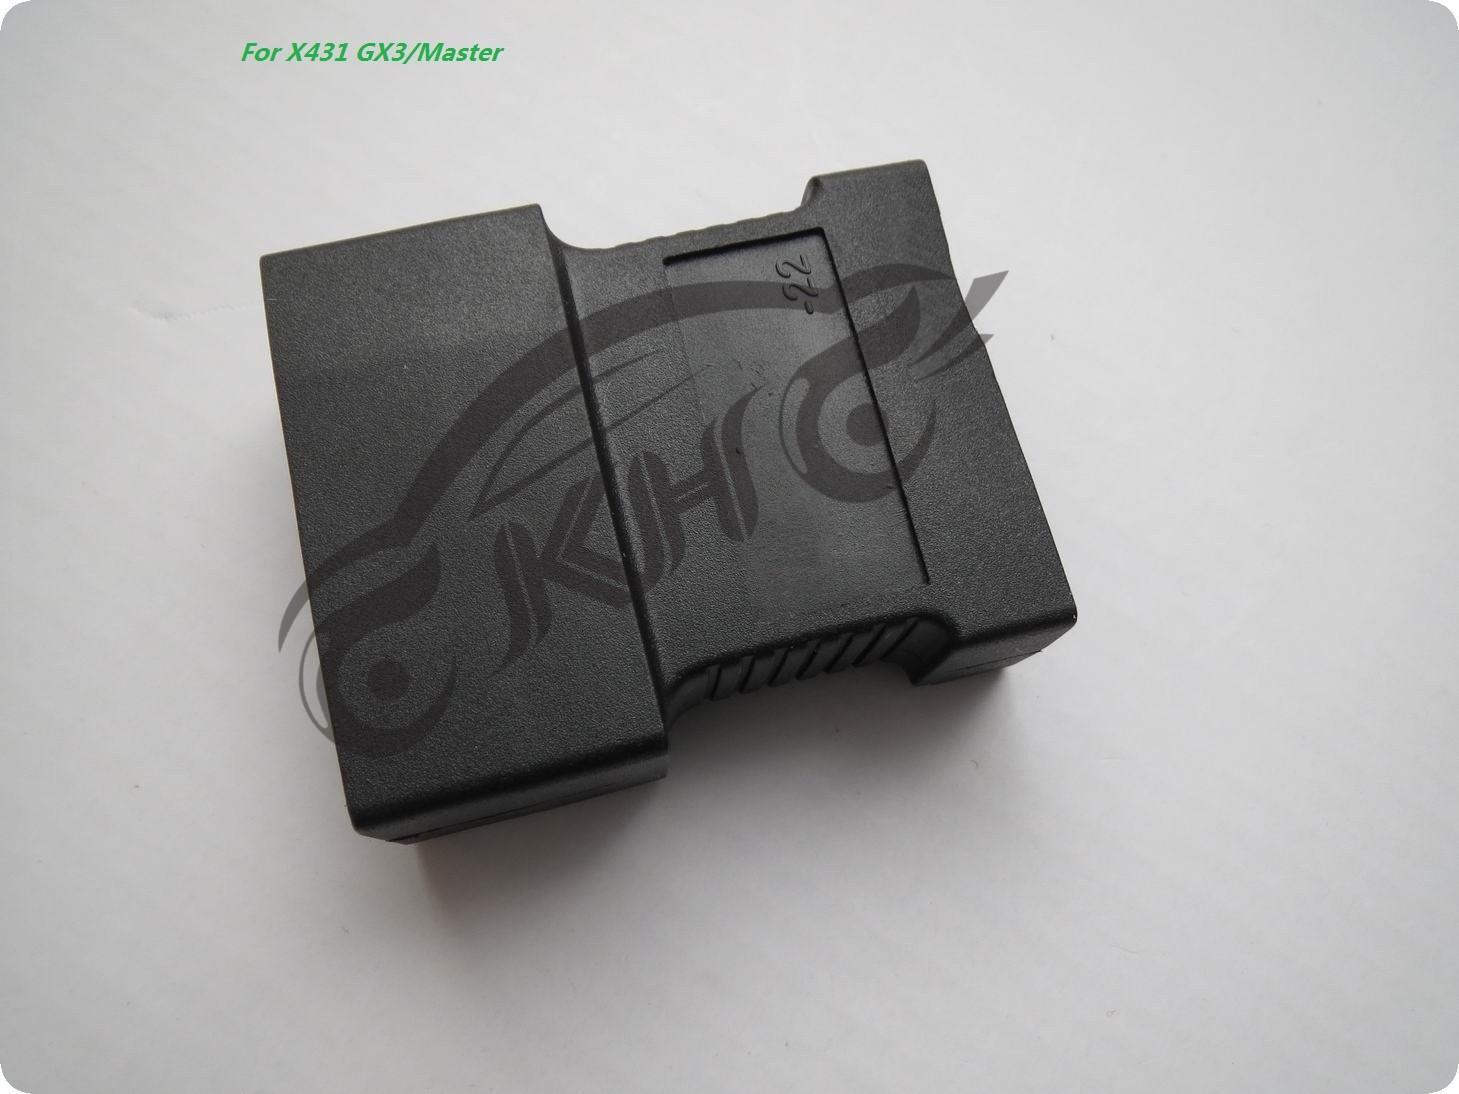 100٪ الأصلي للحصول على إطلاق X431 لجيلي -22 محول للحصول على جيلي -22 موصل GX3 ماستر ..Generation محول OBD